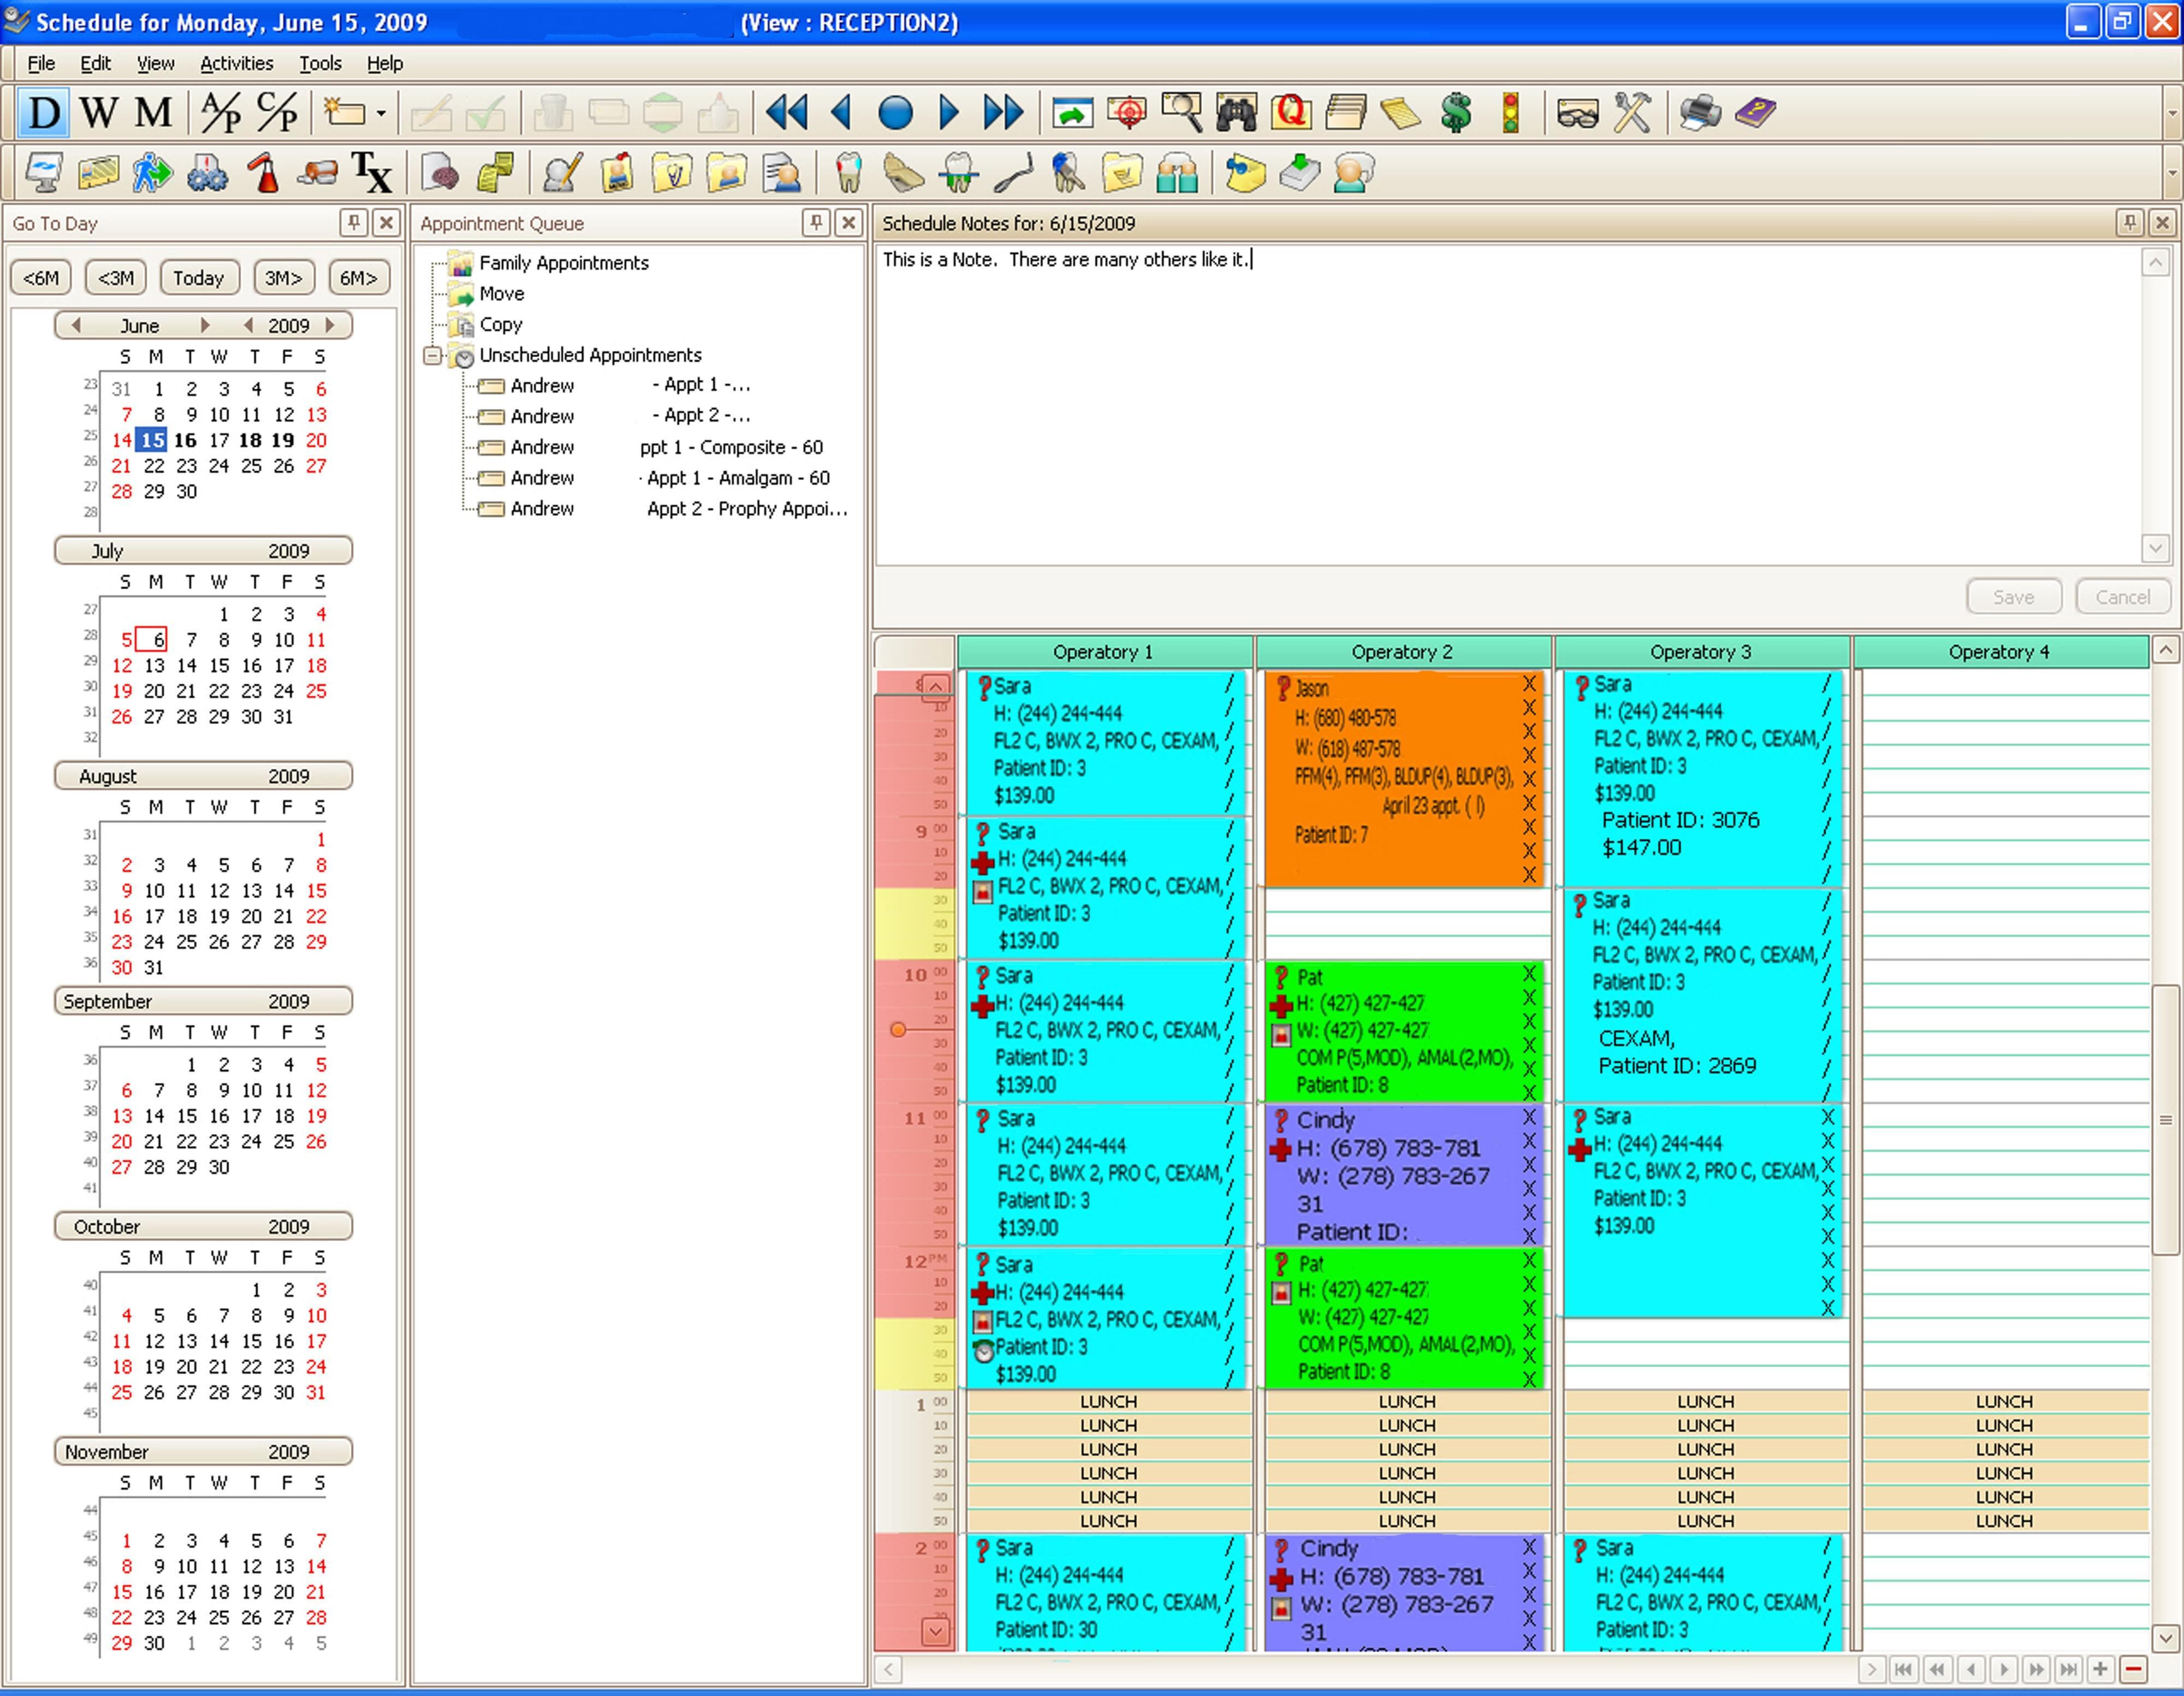 patterson eaglesoft dental software.